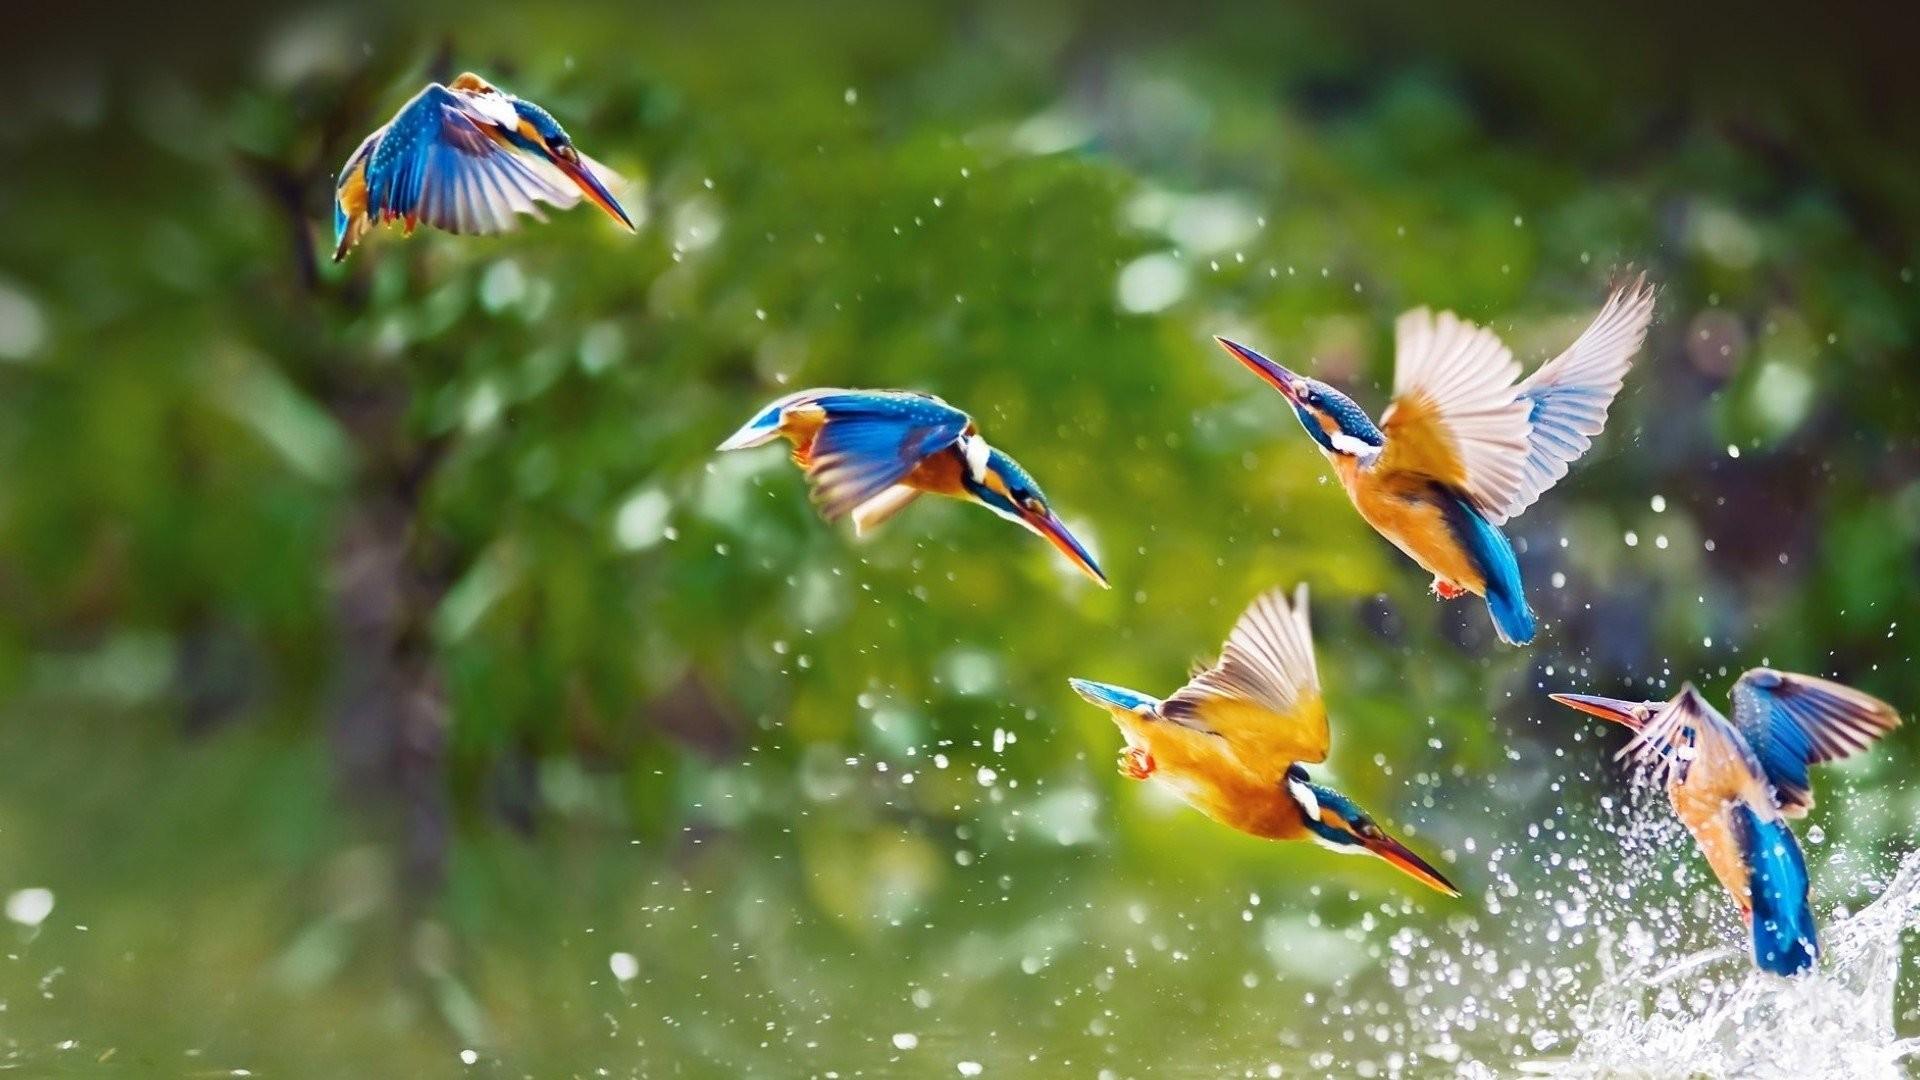 Hình nền tuyệt đẹp về loài chim bói cá